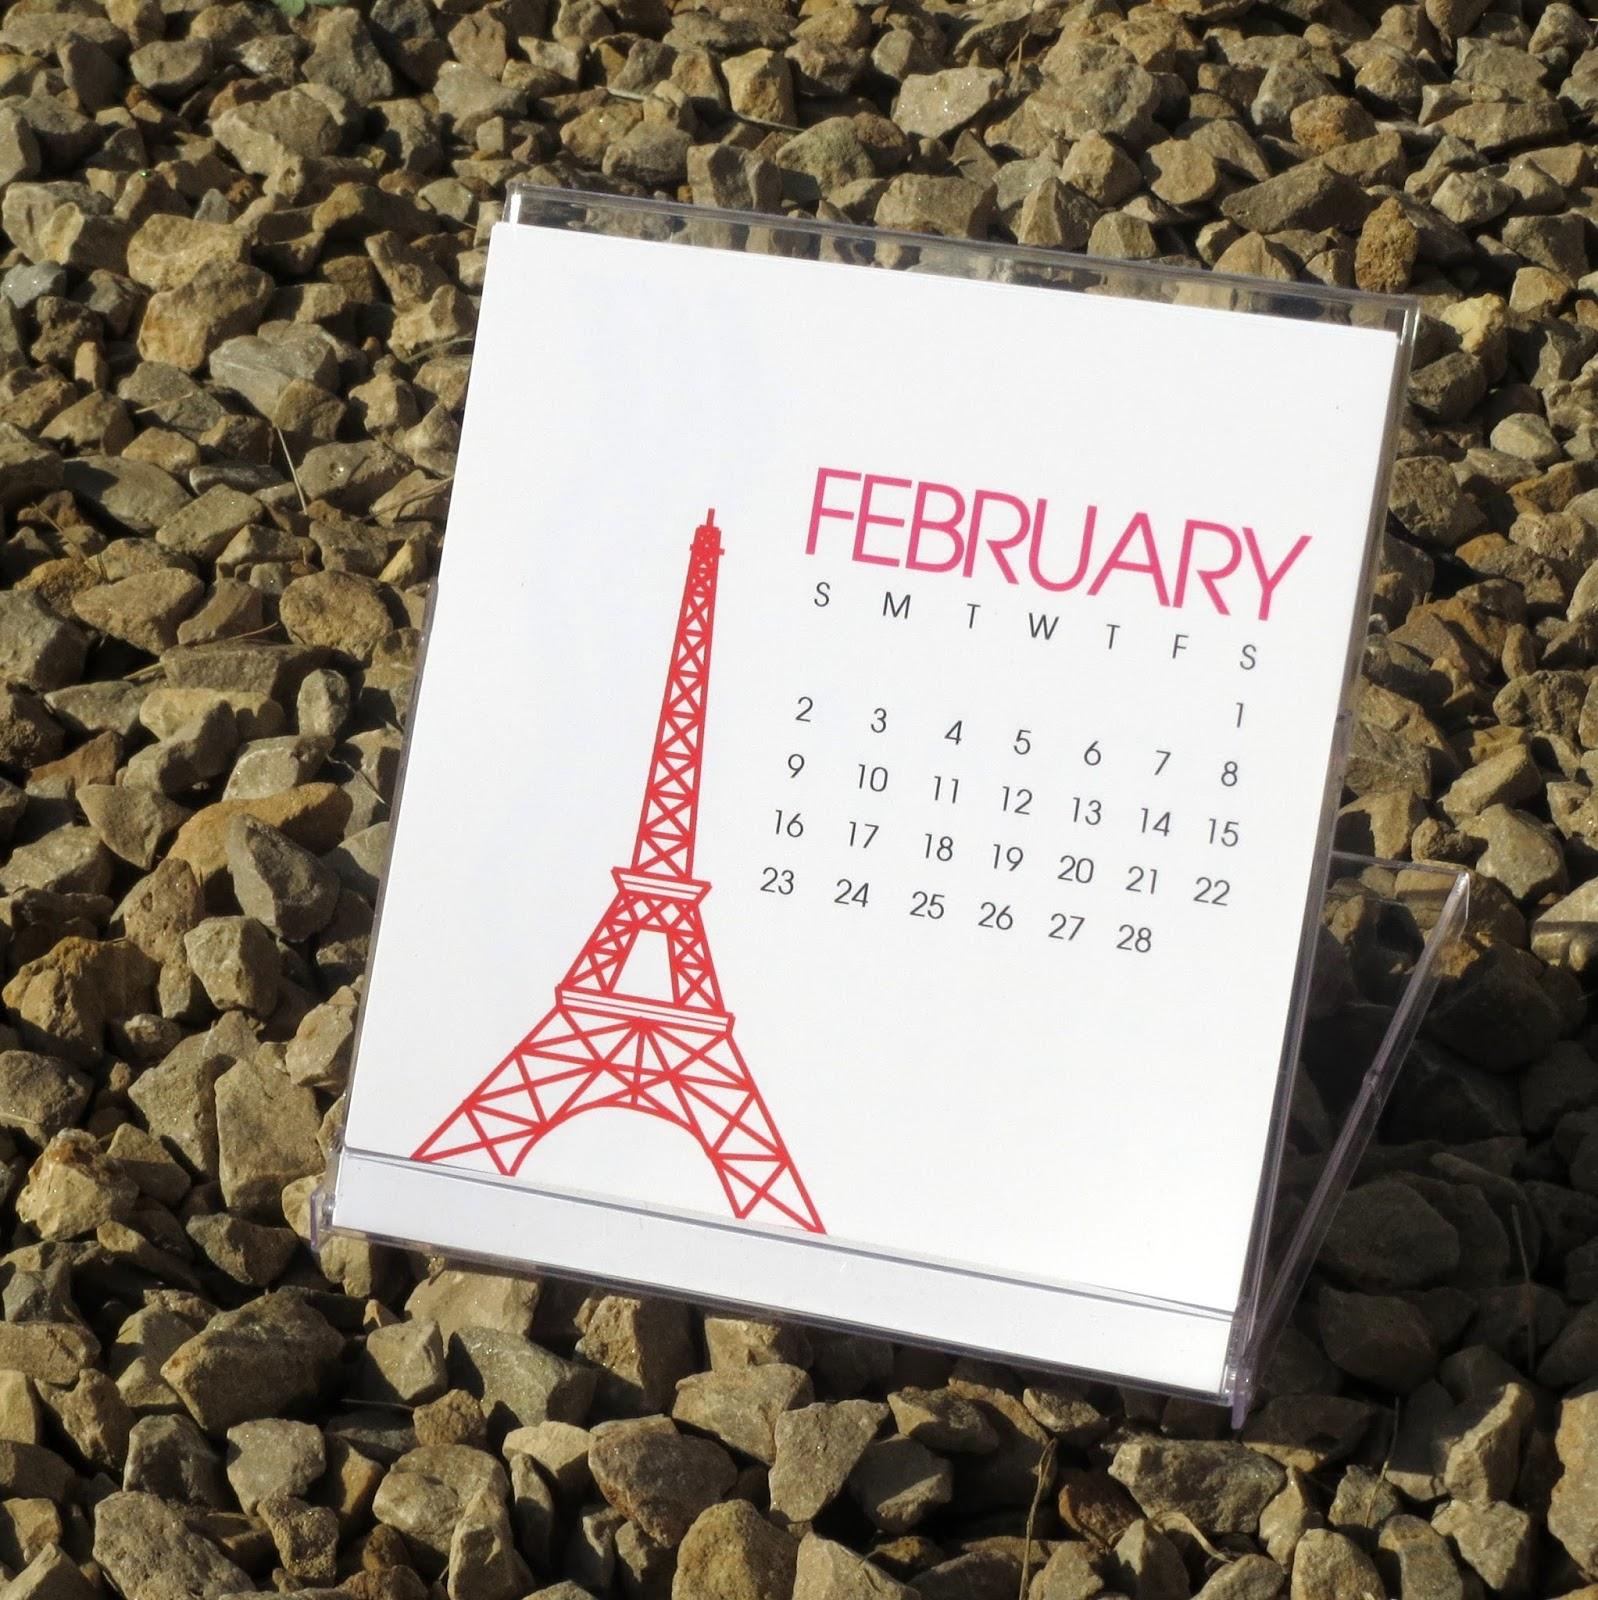 Best February 2014 Desktop Wallpaper Calendars   CreativeCrunk 1598x1600